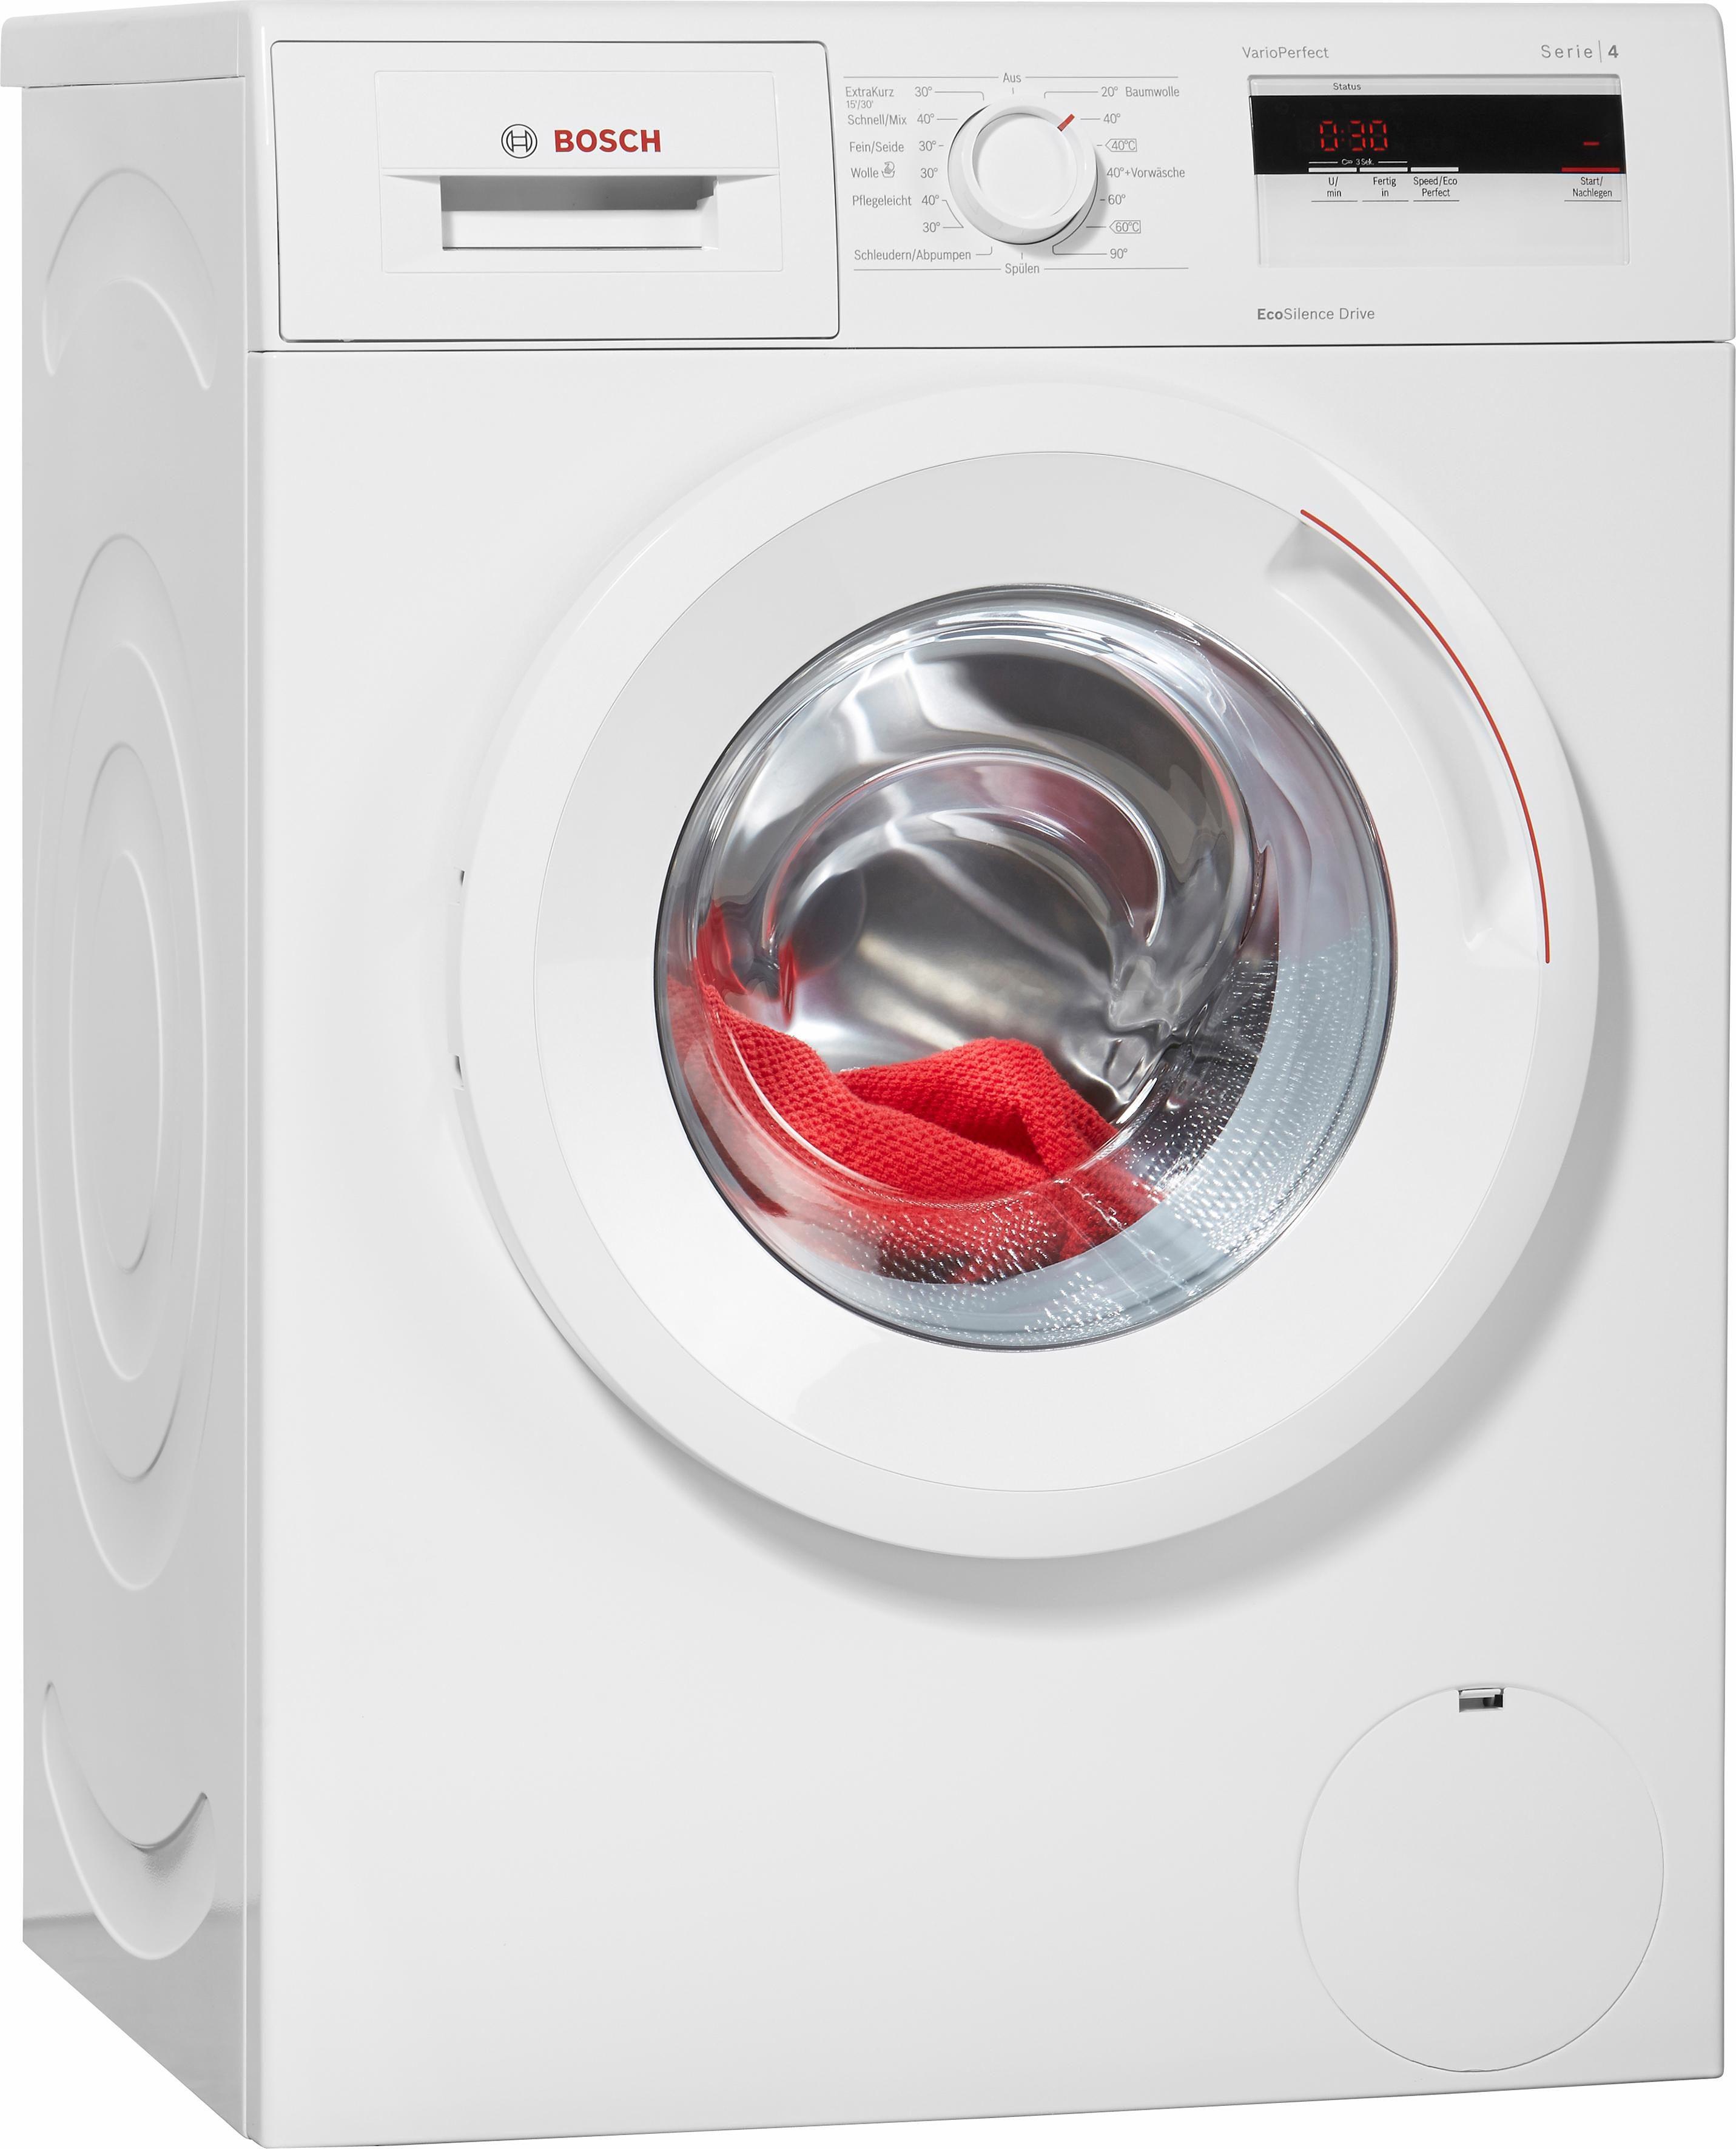 BOSCH Waschmaschine WAN28020, A+++, 6 kg, 1400 U/Min